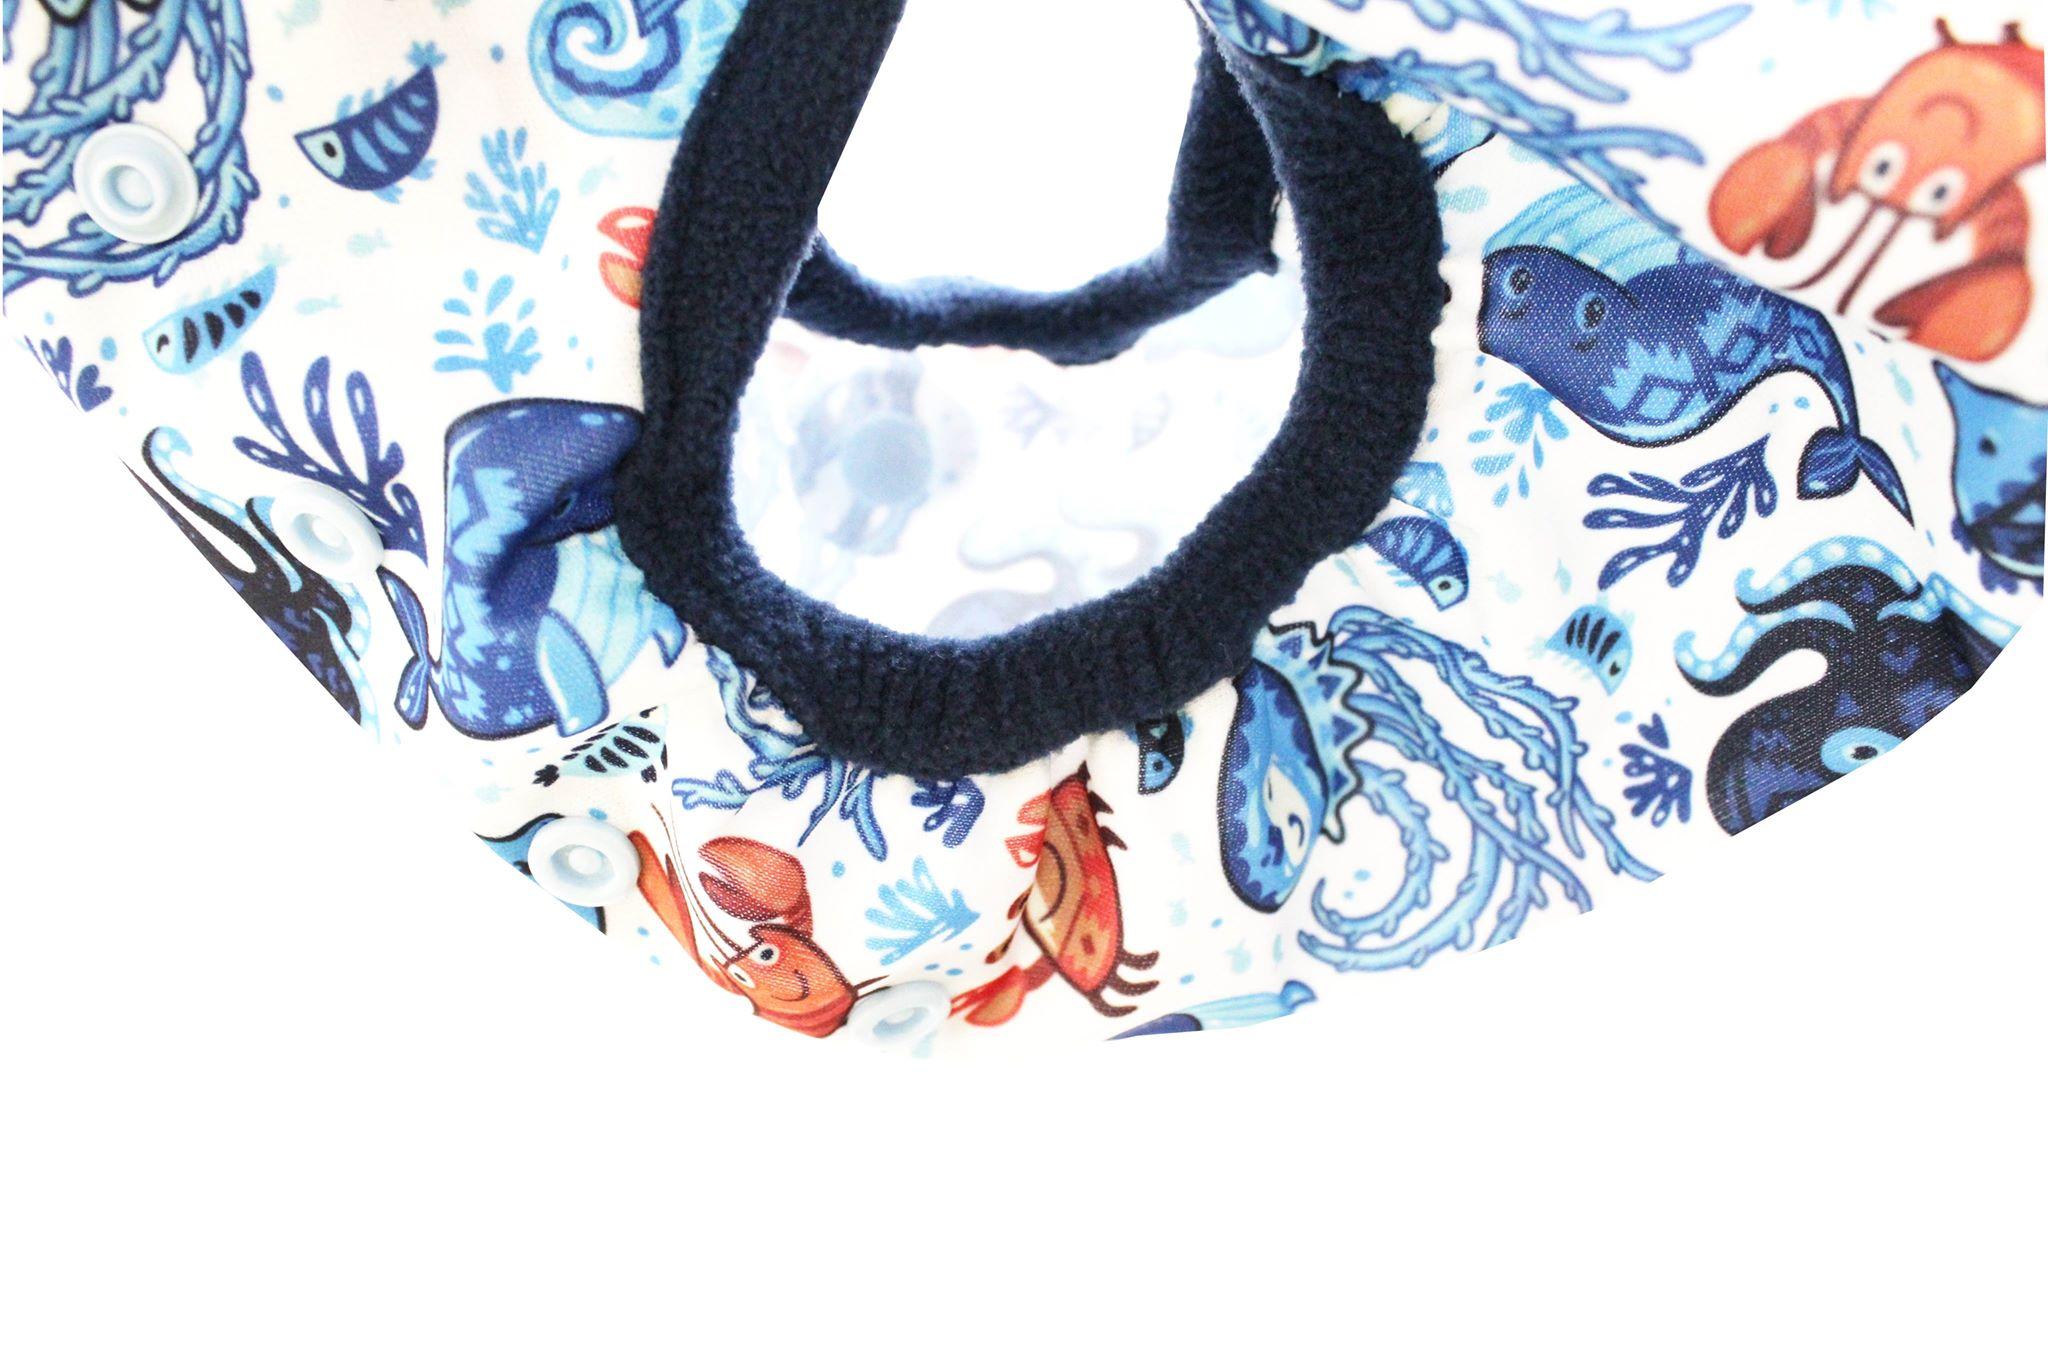 Svrchní kalhotky z PULu - Lemované fleecem, jednovelikostní, na suchý zip, bez křidélek